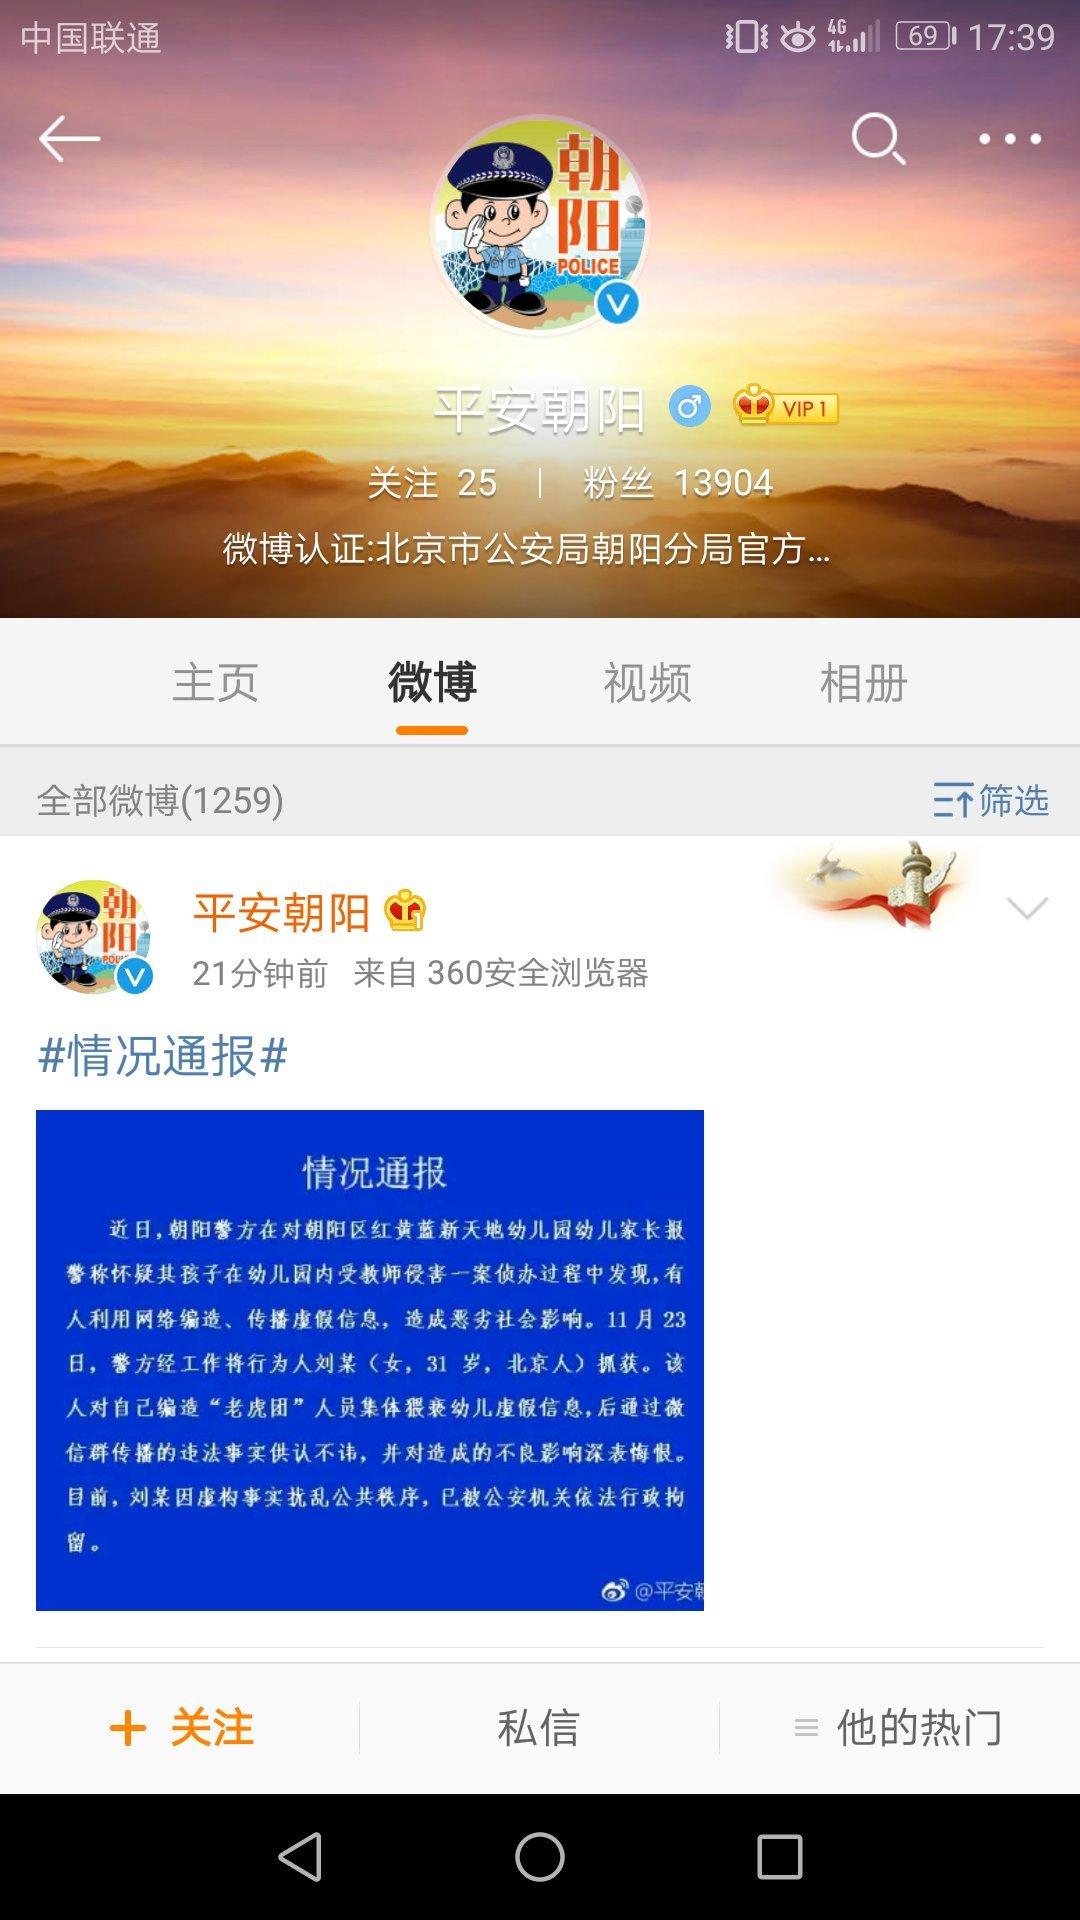 六和彩特码红黄蓝最新动态,黄大仙救世网精品高手,刘姓女教师已被刑事拘留